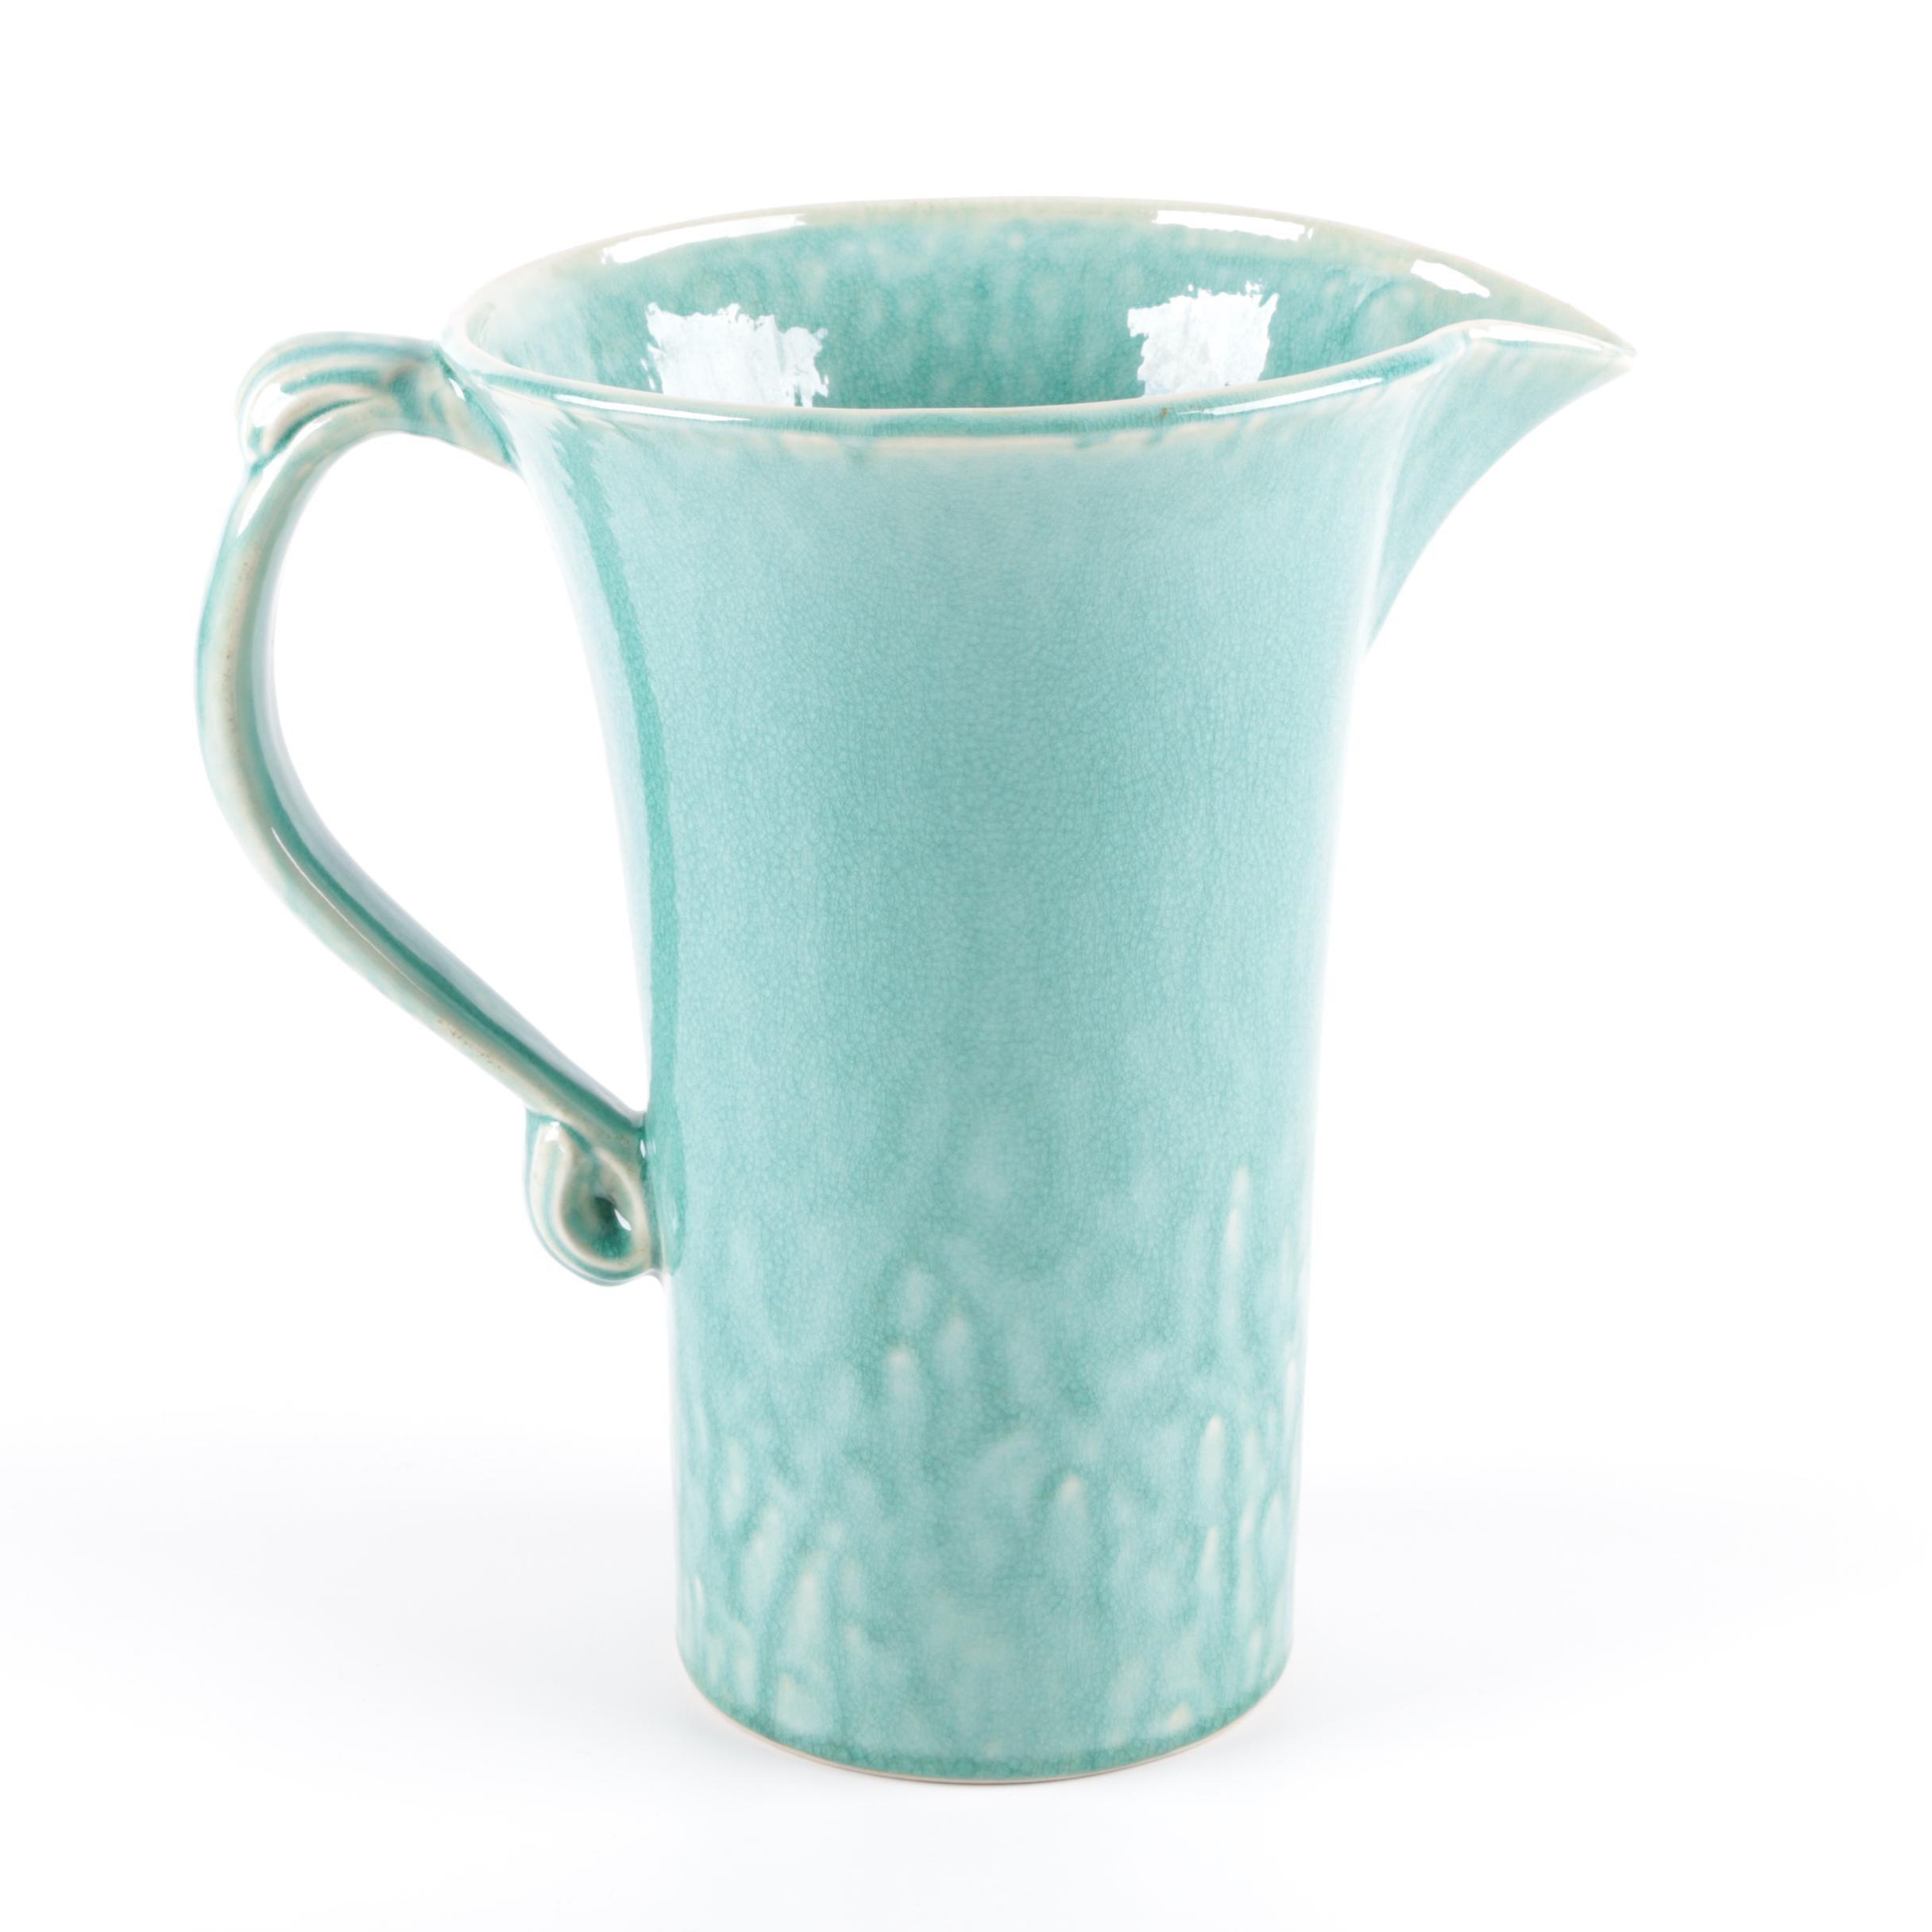 Jars Ceramic Pitcher